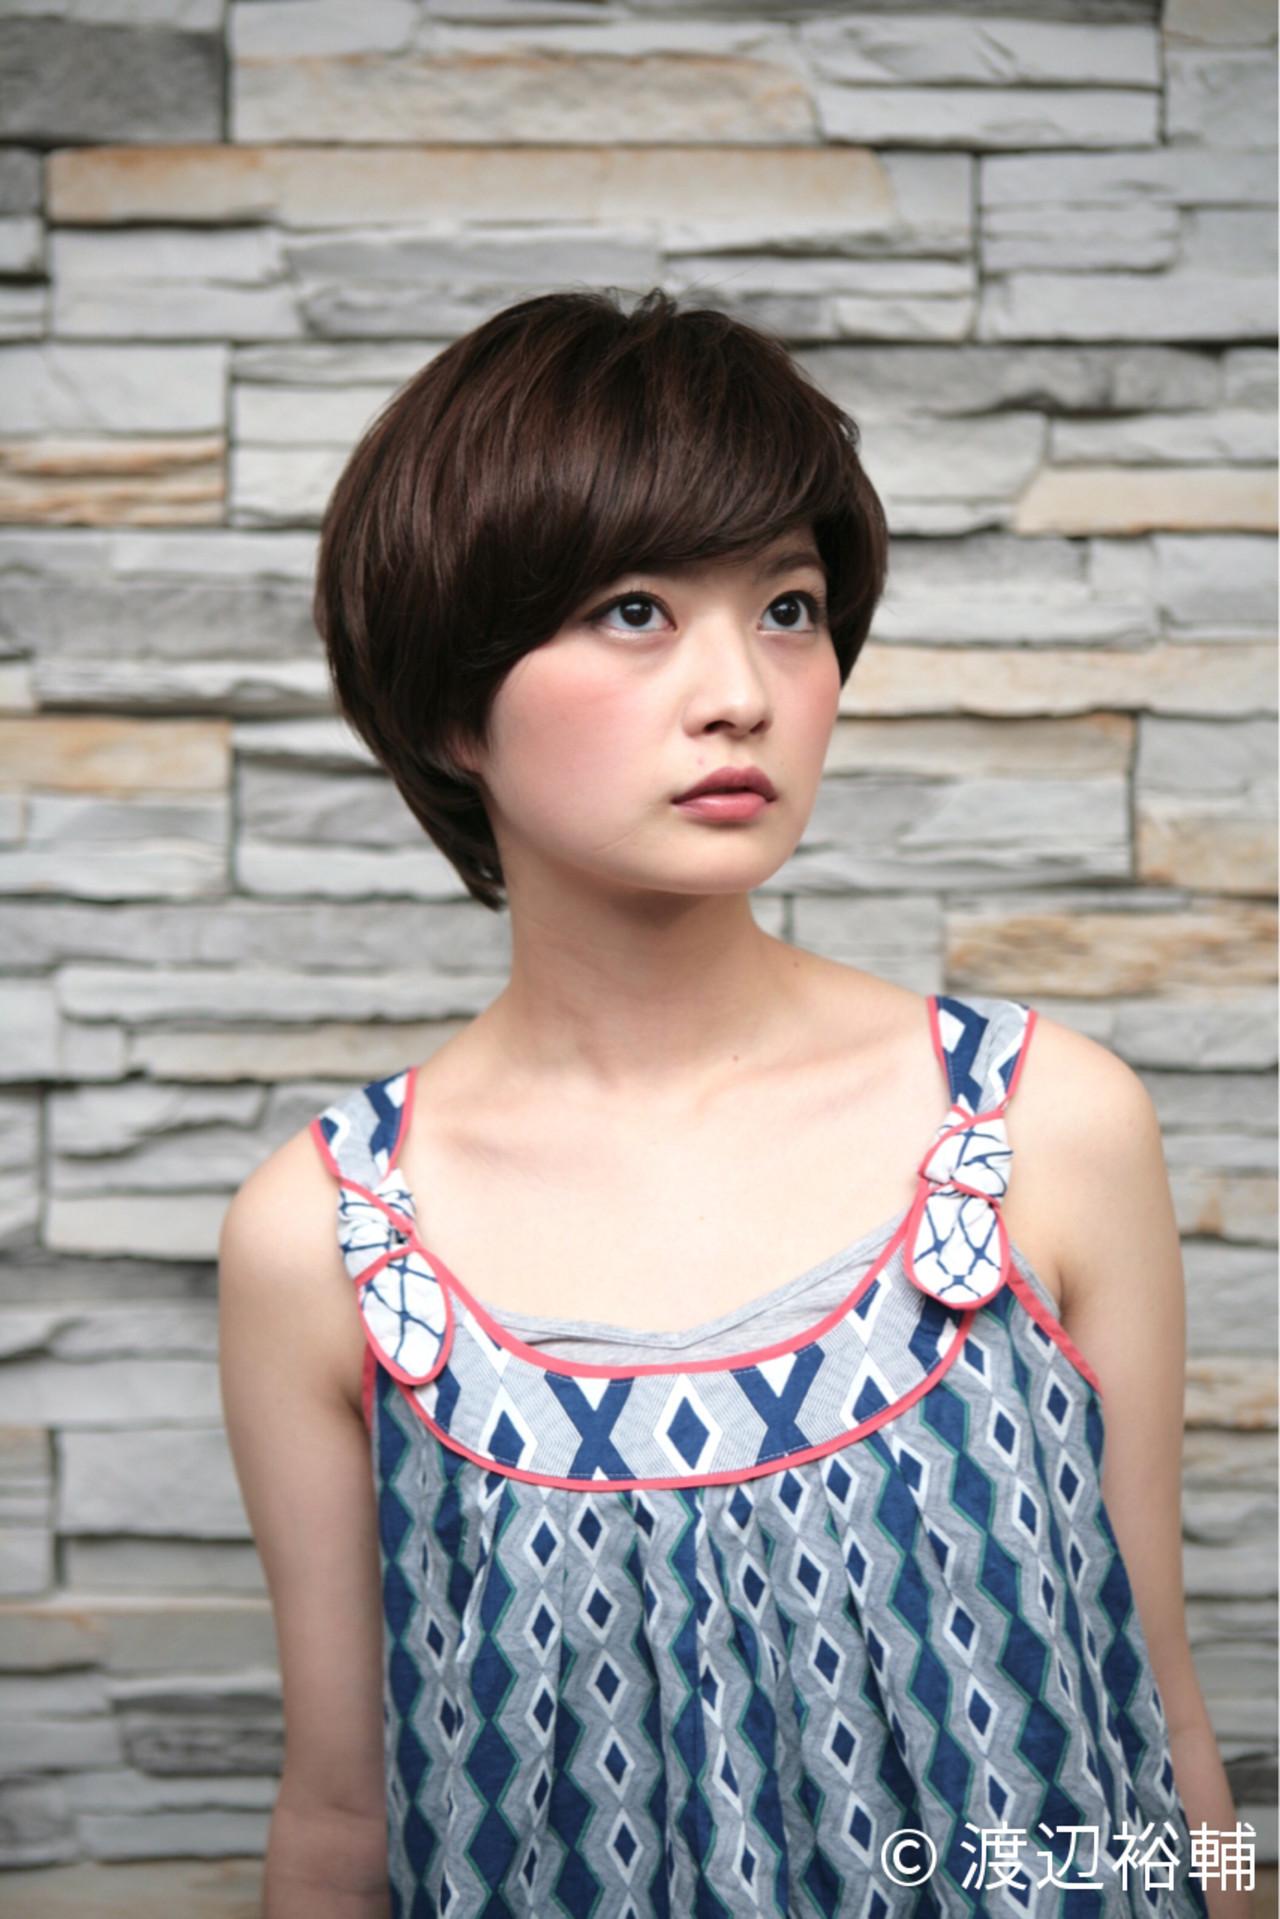 マッシュ 小顔 似合わせ ショート ヘアスタイルや髪型の写真・画像